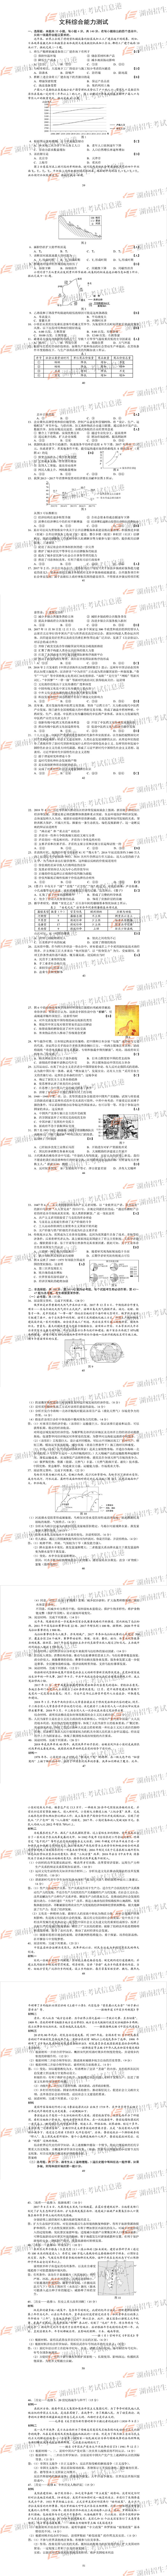 2018广东高考文综试题及答案